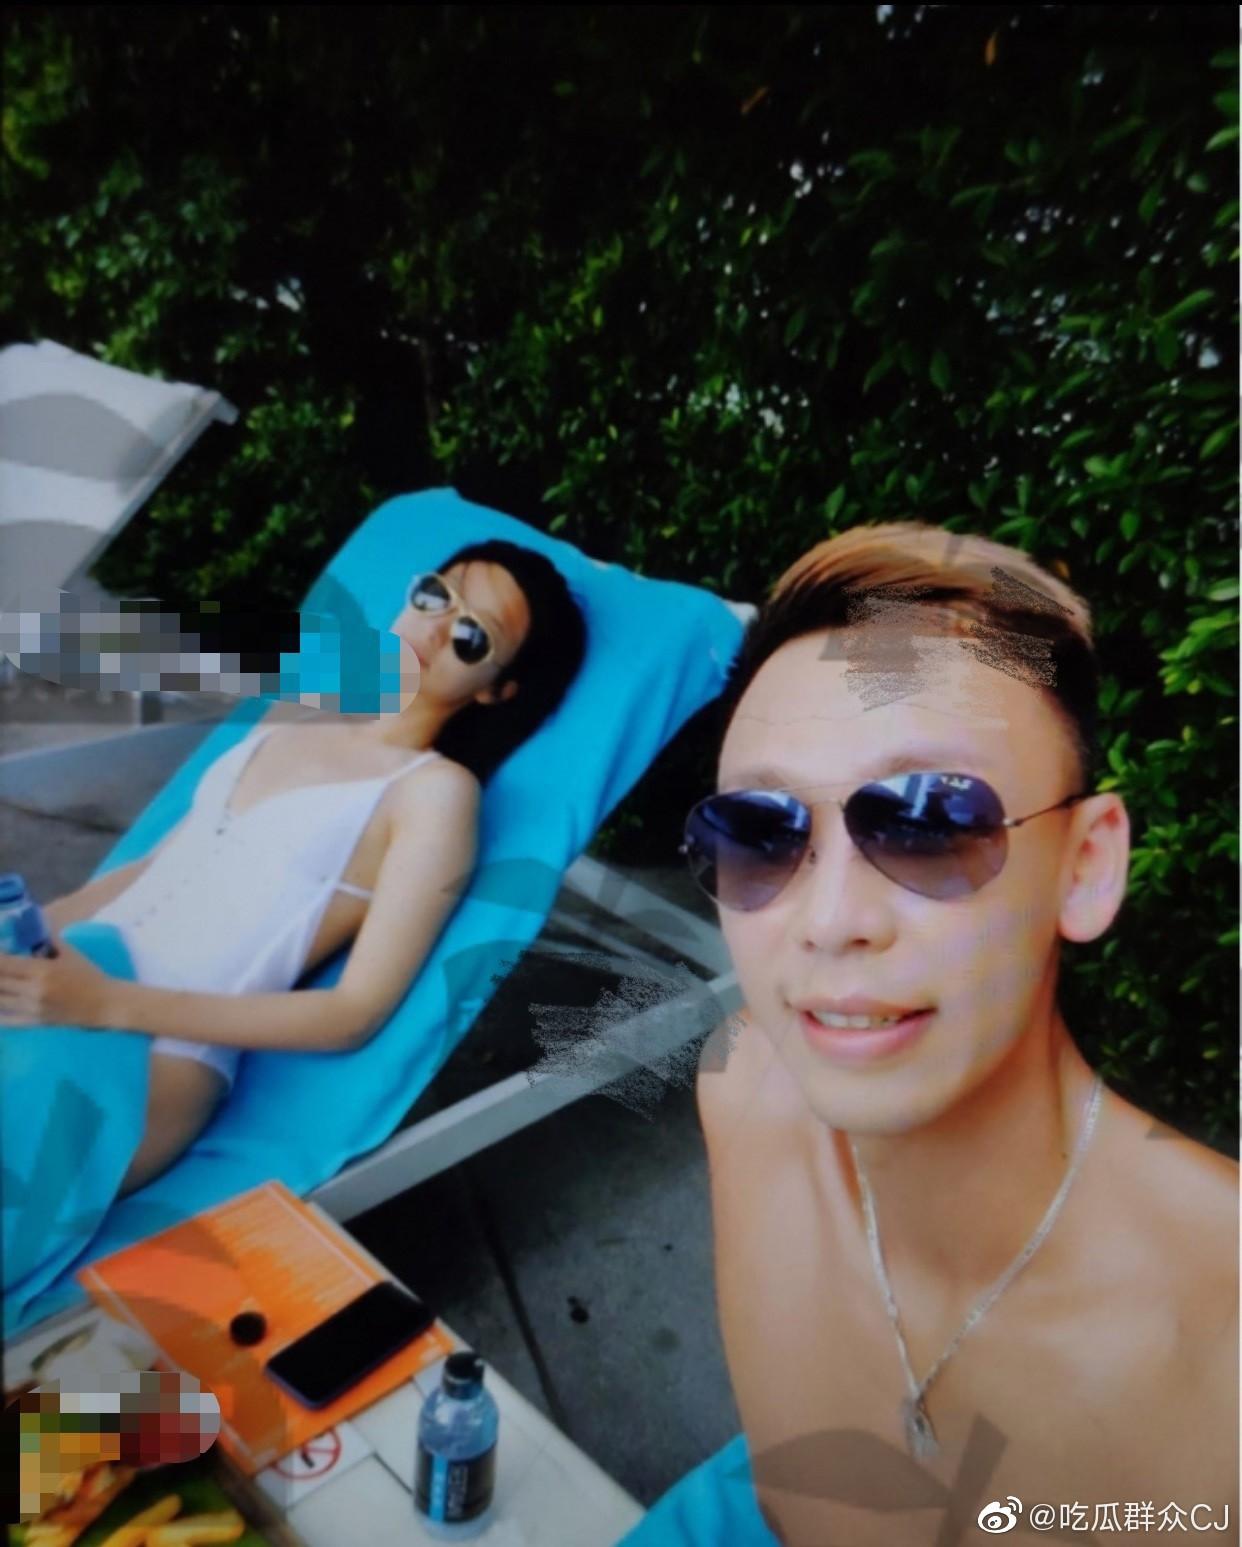 Thêm vụ ngoại tình gây chấn động: Mỹ nhân Hong Kong lộ ảnh giường chiếu với chồng của bạn thân - Ảnh 4.